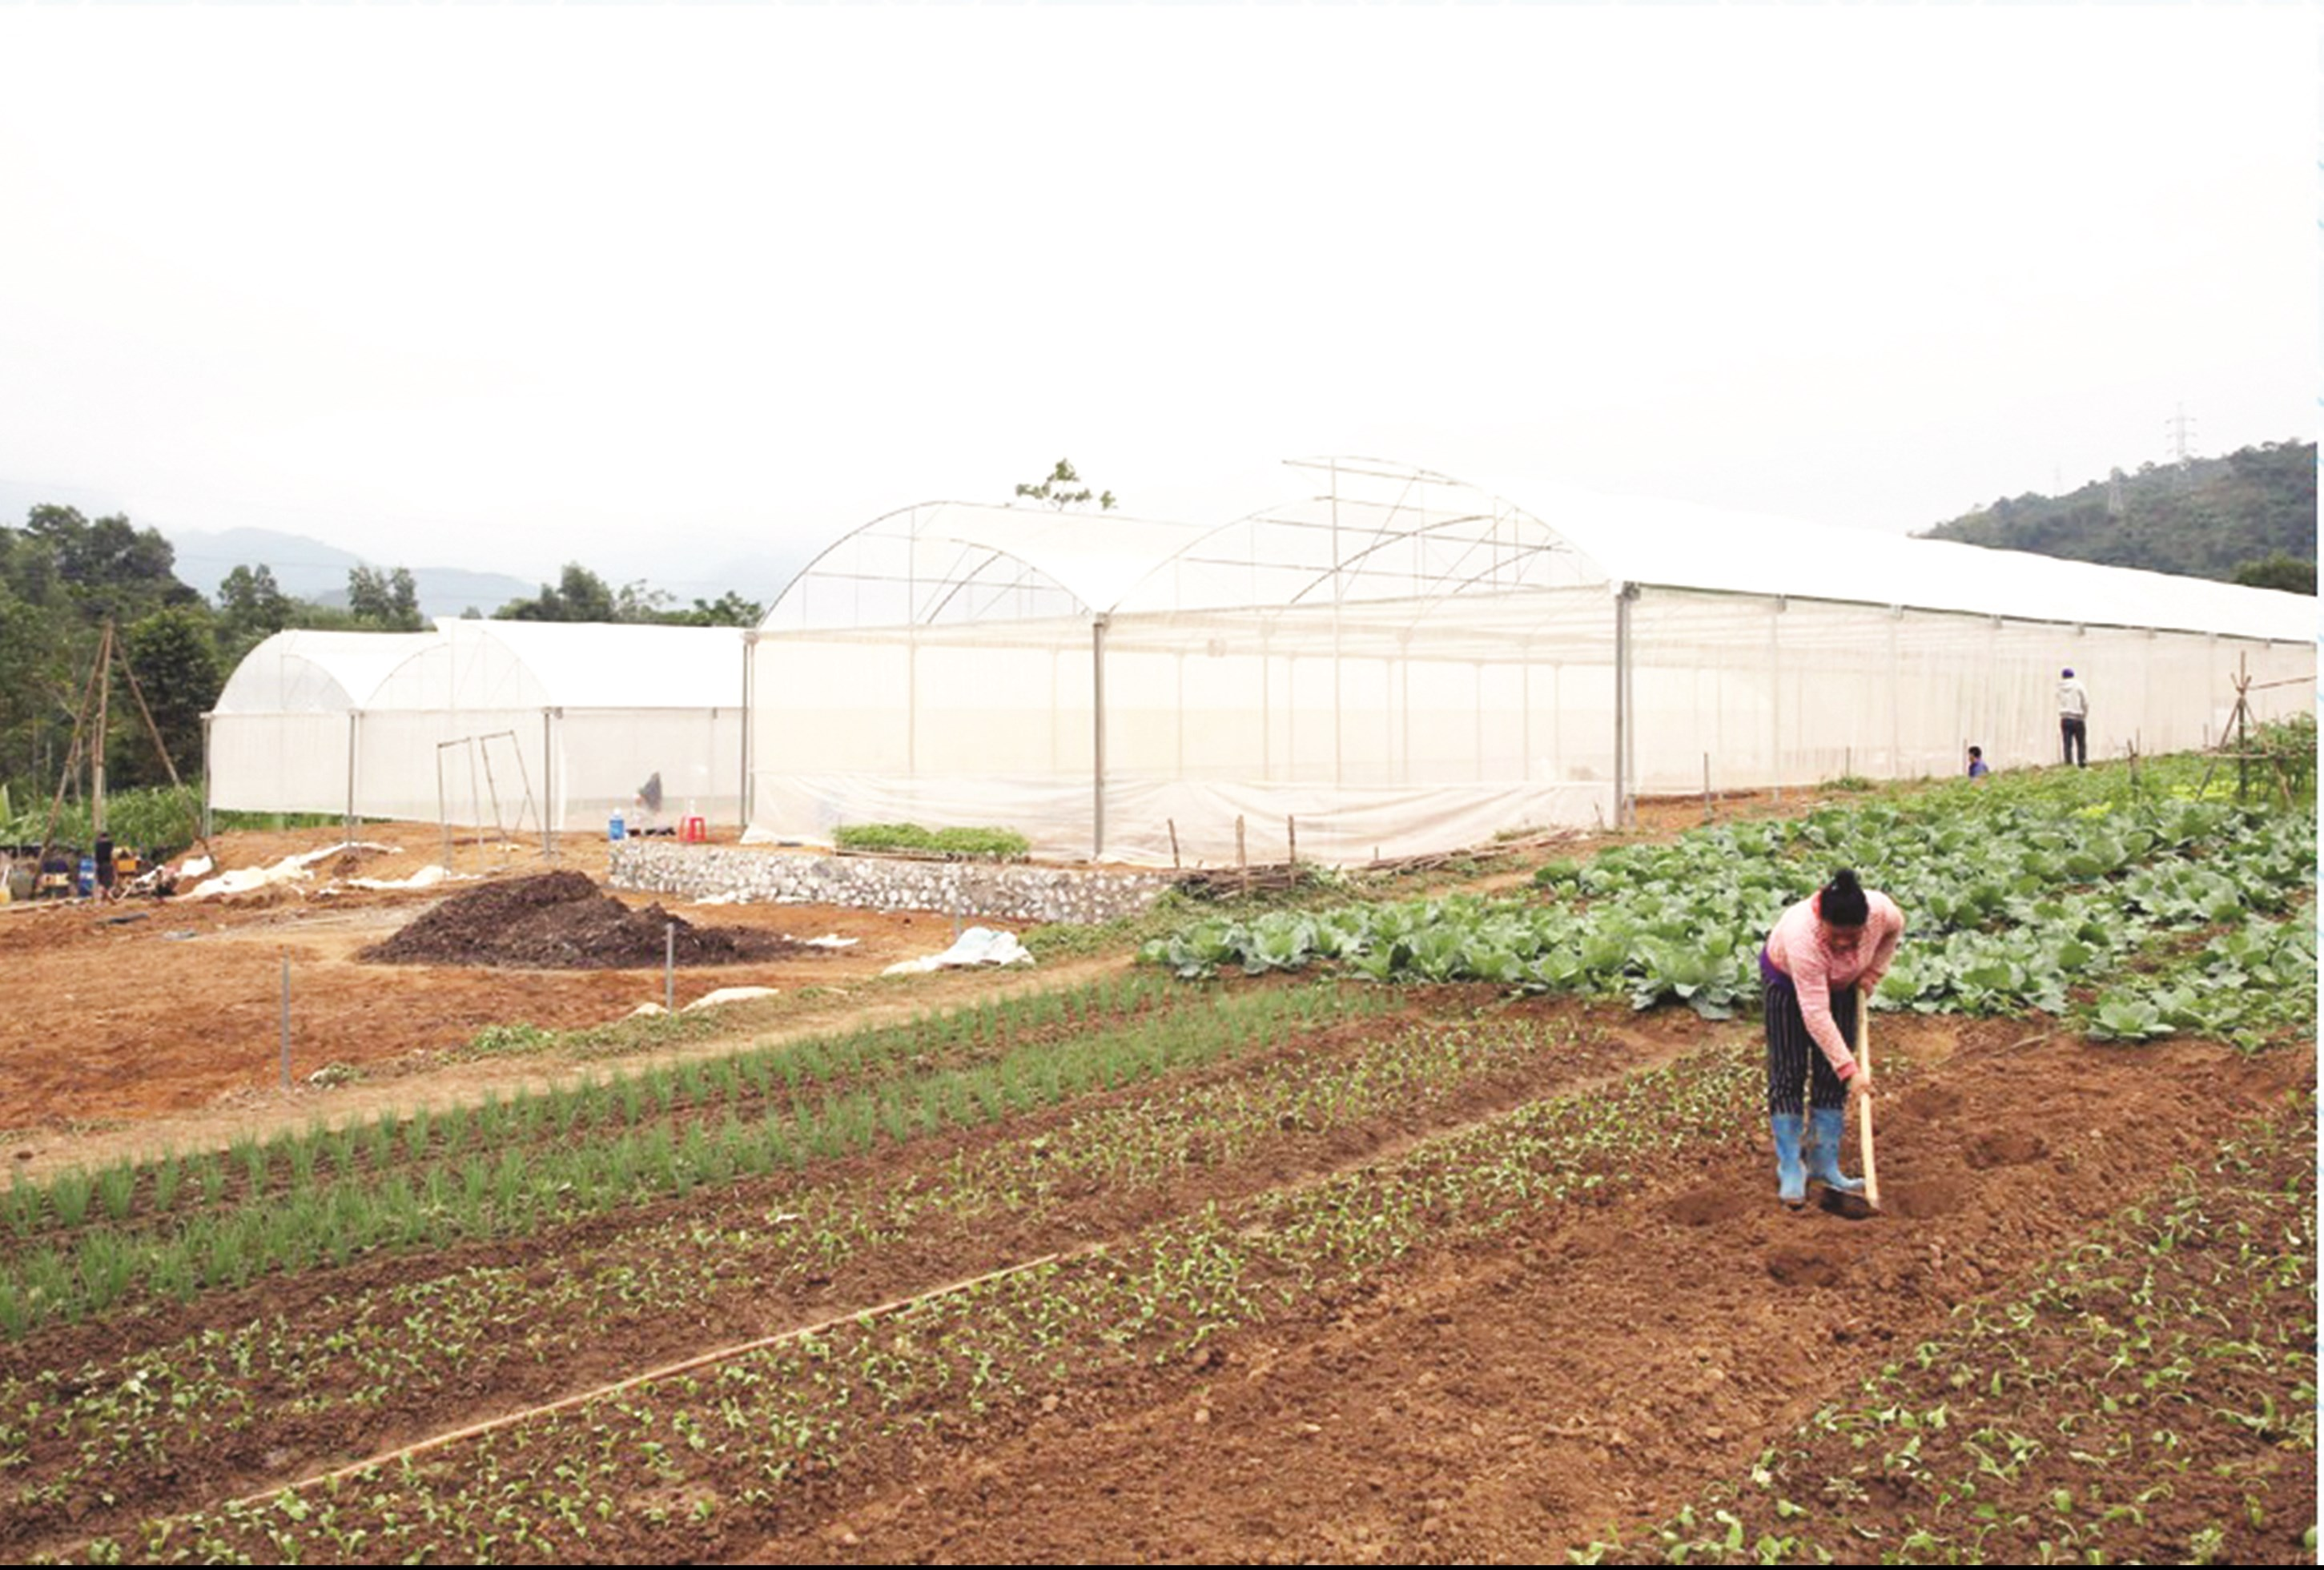 Mô hình trồng rau sạch hàng hóa cho thu nhập cao ở huyện miền núi Tương Dương.